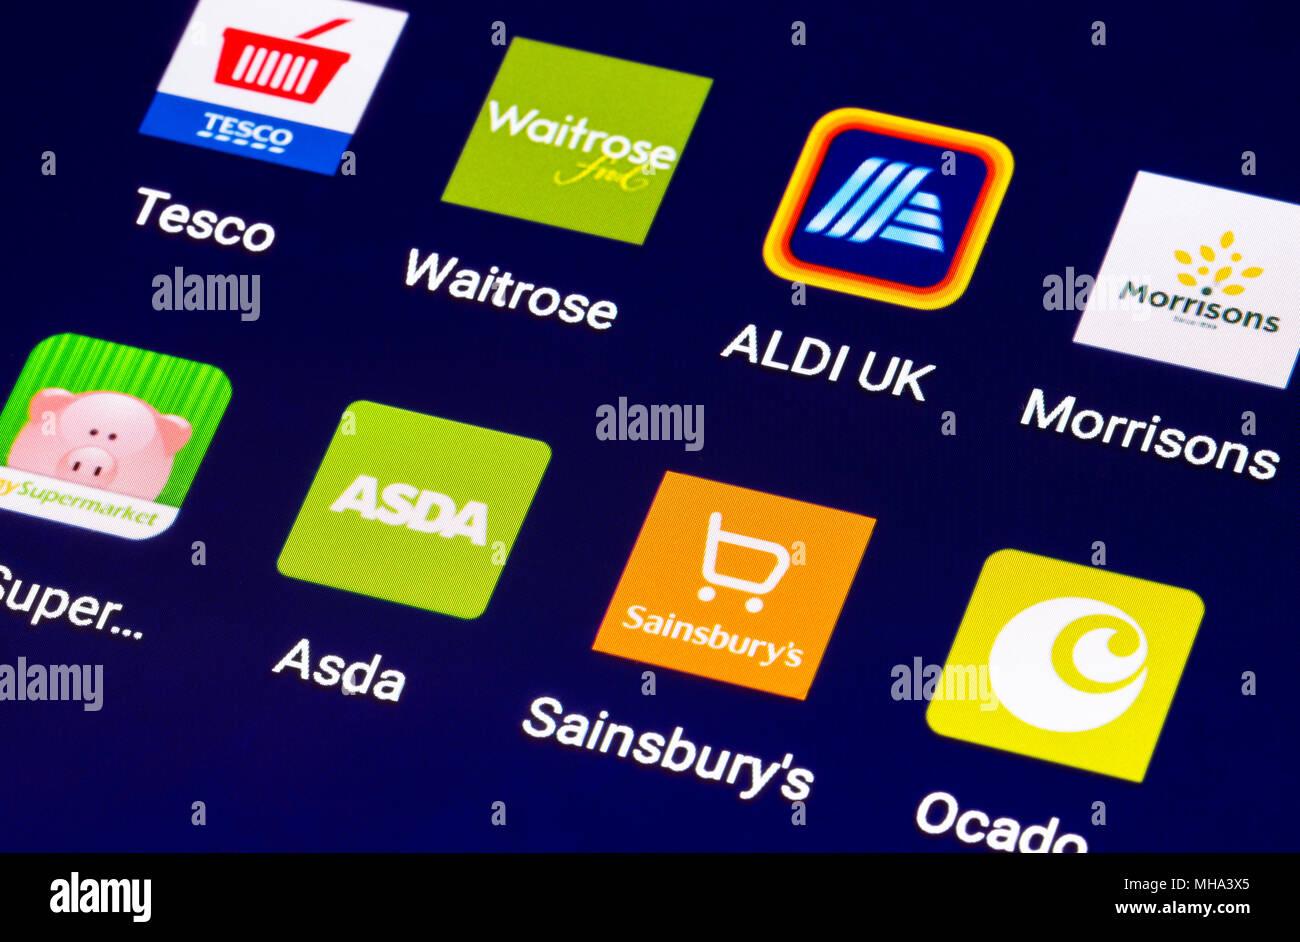 Symbole auf einem Tablet für On-line-Geschäfte in Großbritannien. Einkaufen online auf einem mobilen Gerät. Moderne Internet Shopping Tastenkombinationen für Lebensmittelgeschäfte.. Stockbild